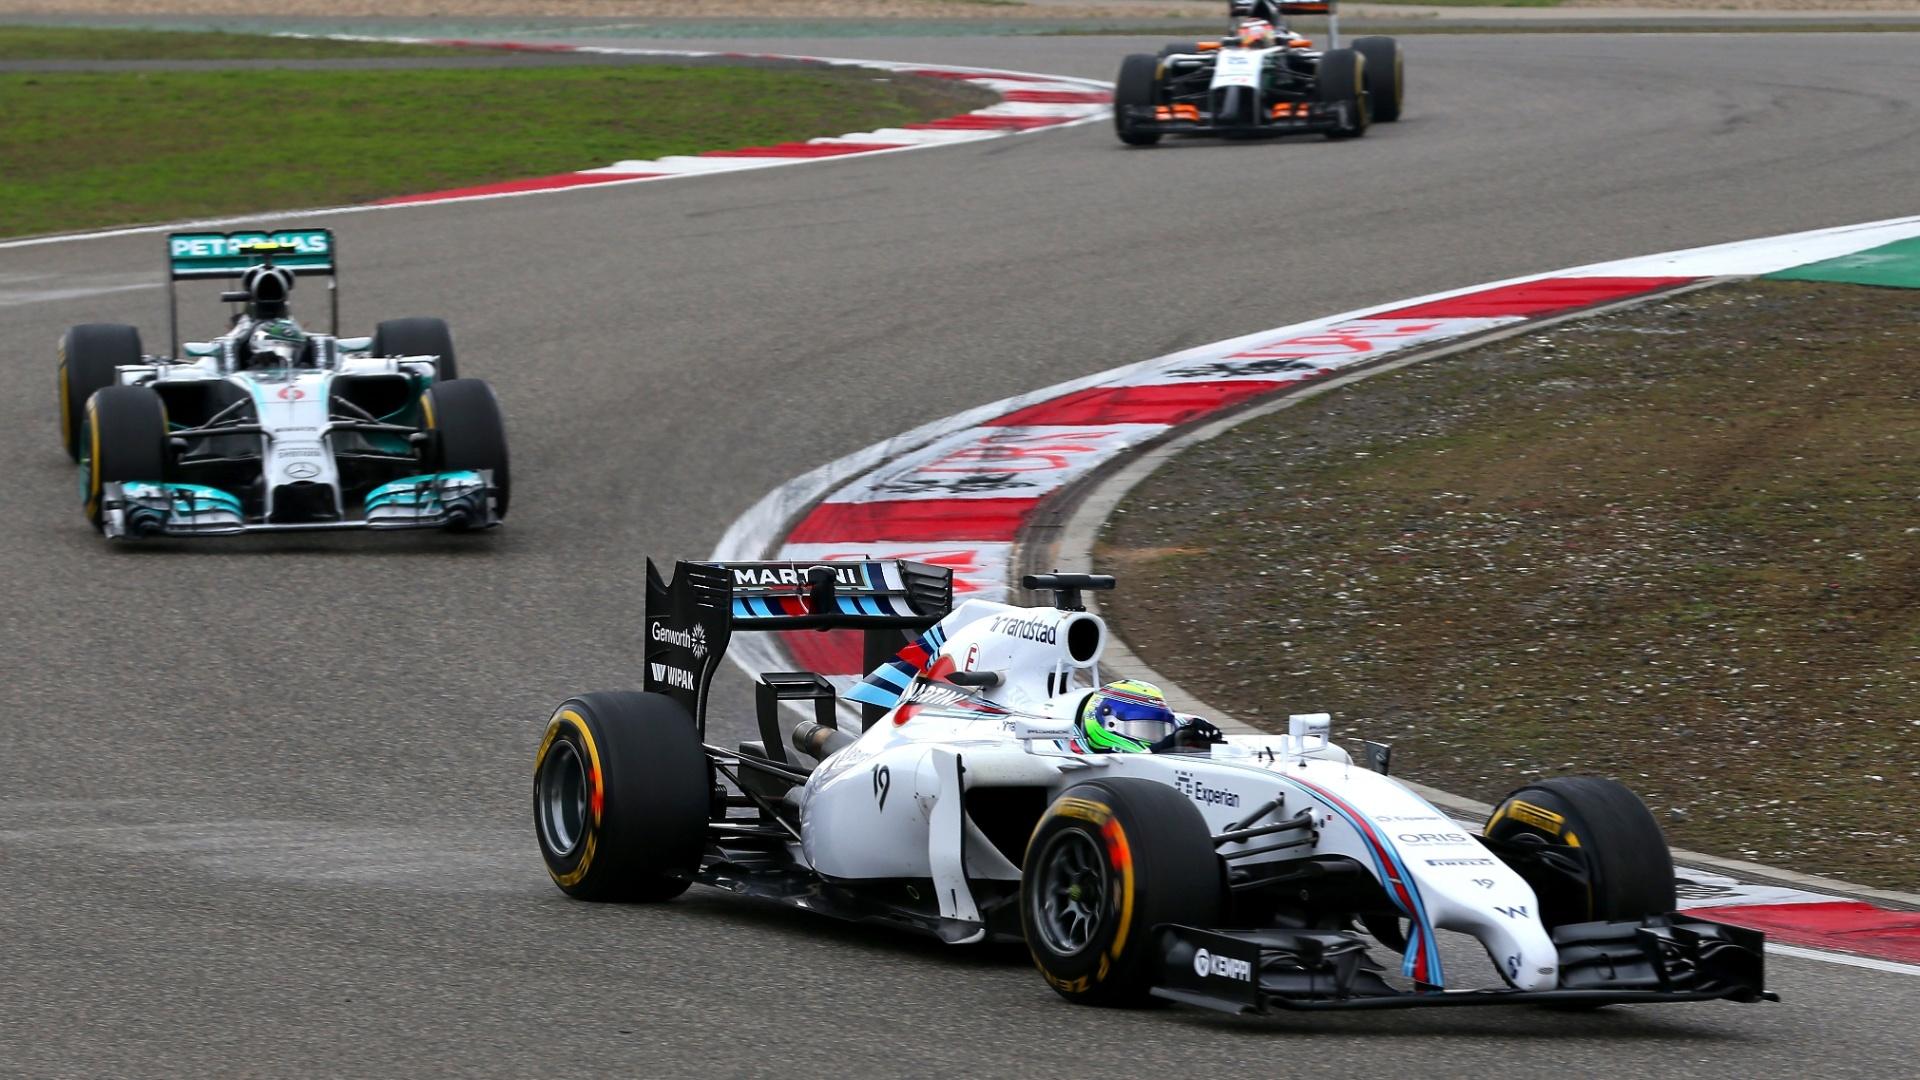 20.abr.2014 - Felipe Massa largou bem e assumiu a quinta posição no GP da China, mas escapou de algo pior após ter sua Williams tocada pela Ferrari de Fernando Alonso